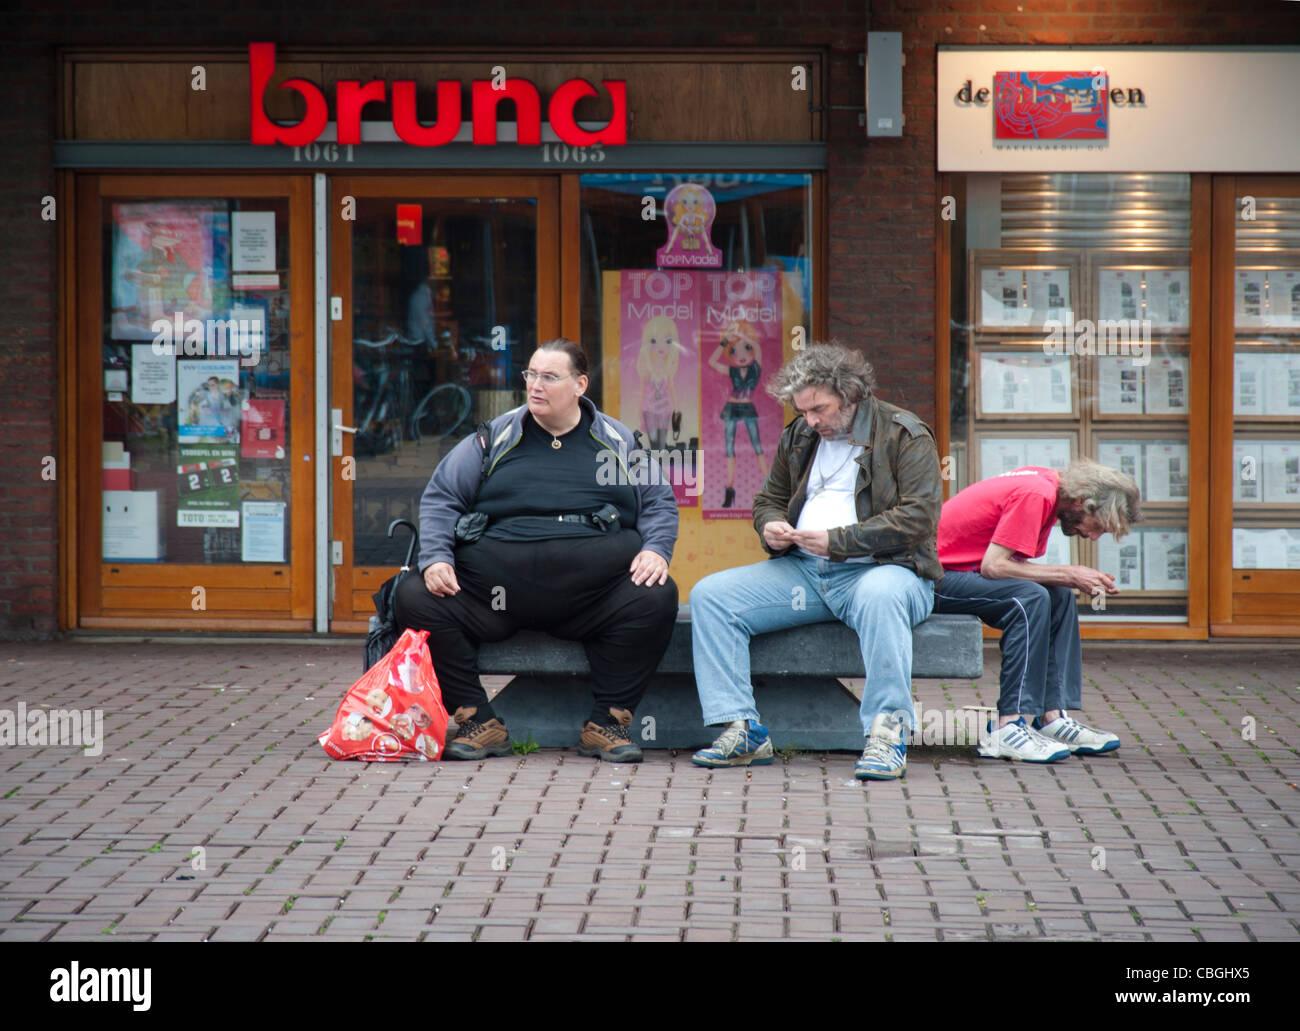 Los hombres que descansan en el shopping mall, obesidad, obesos, personas sin hogar, los Países Bajos, Amsterdam, Imagen De Stock